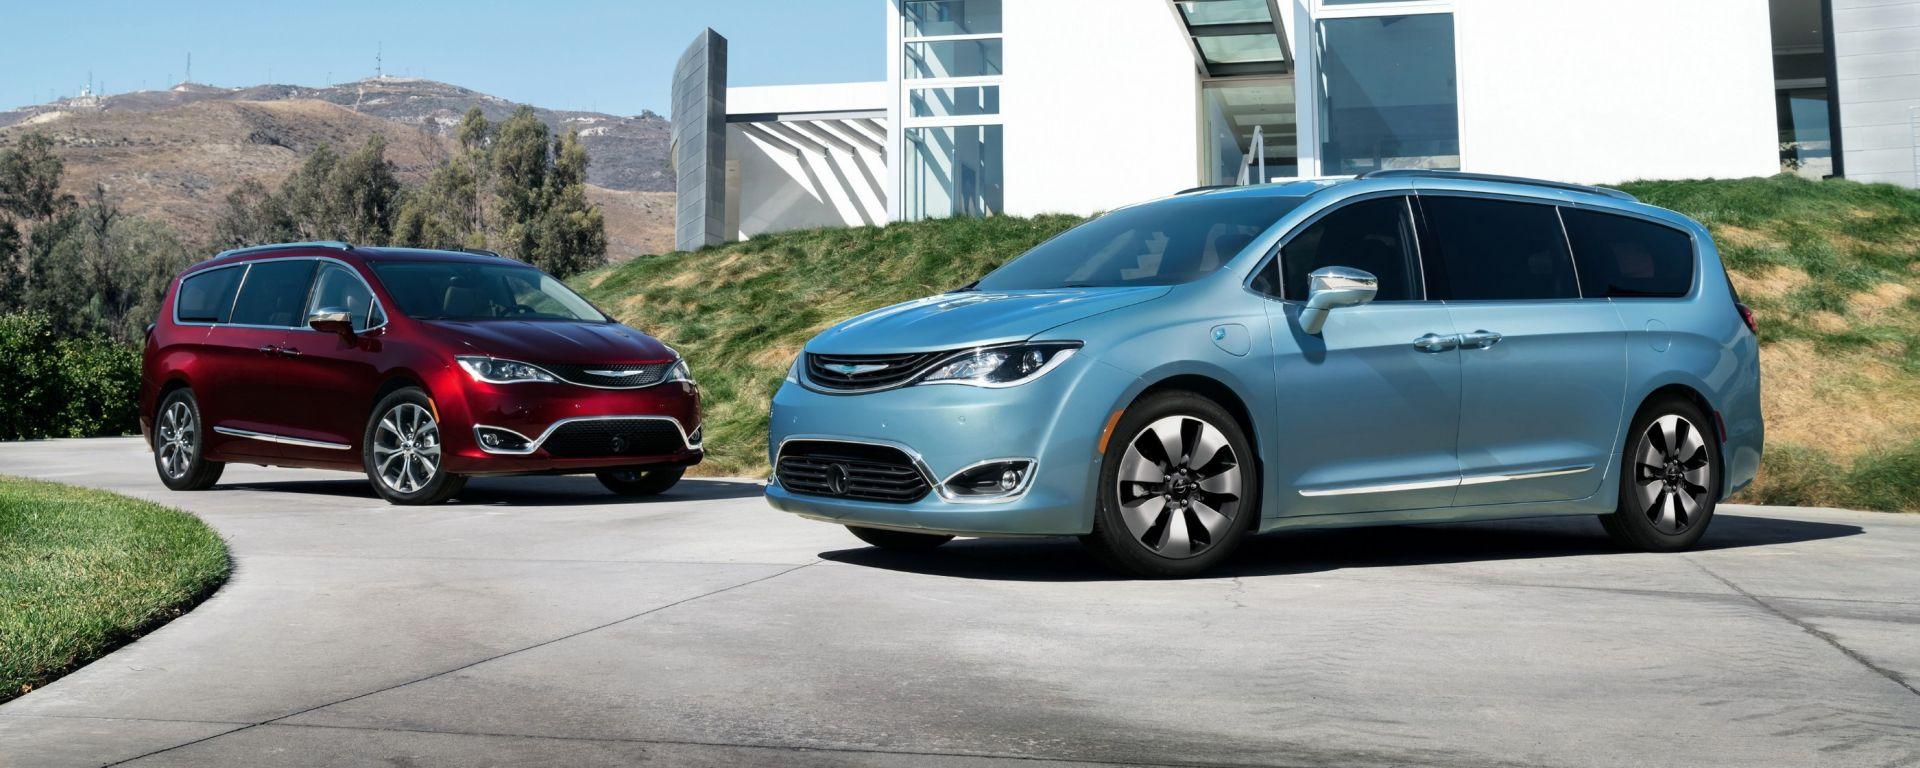 Chrysler Pacifica: al CES di Las Vegas la versione elettrica